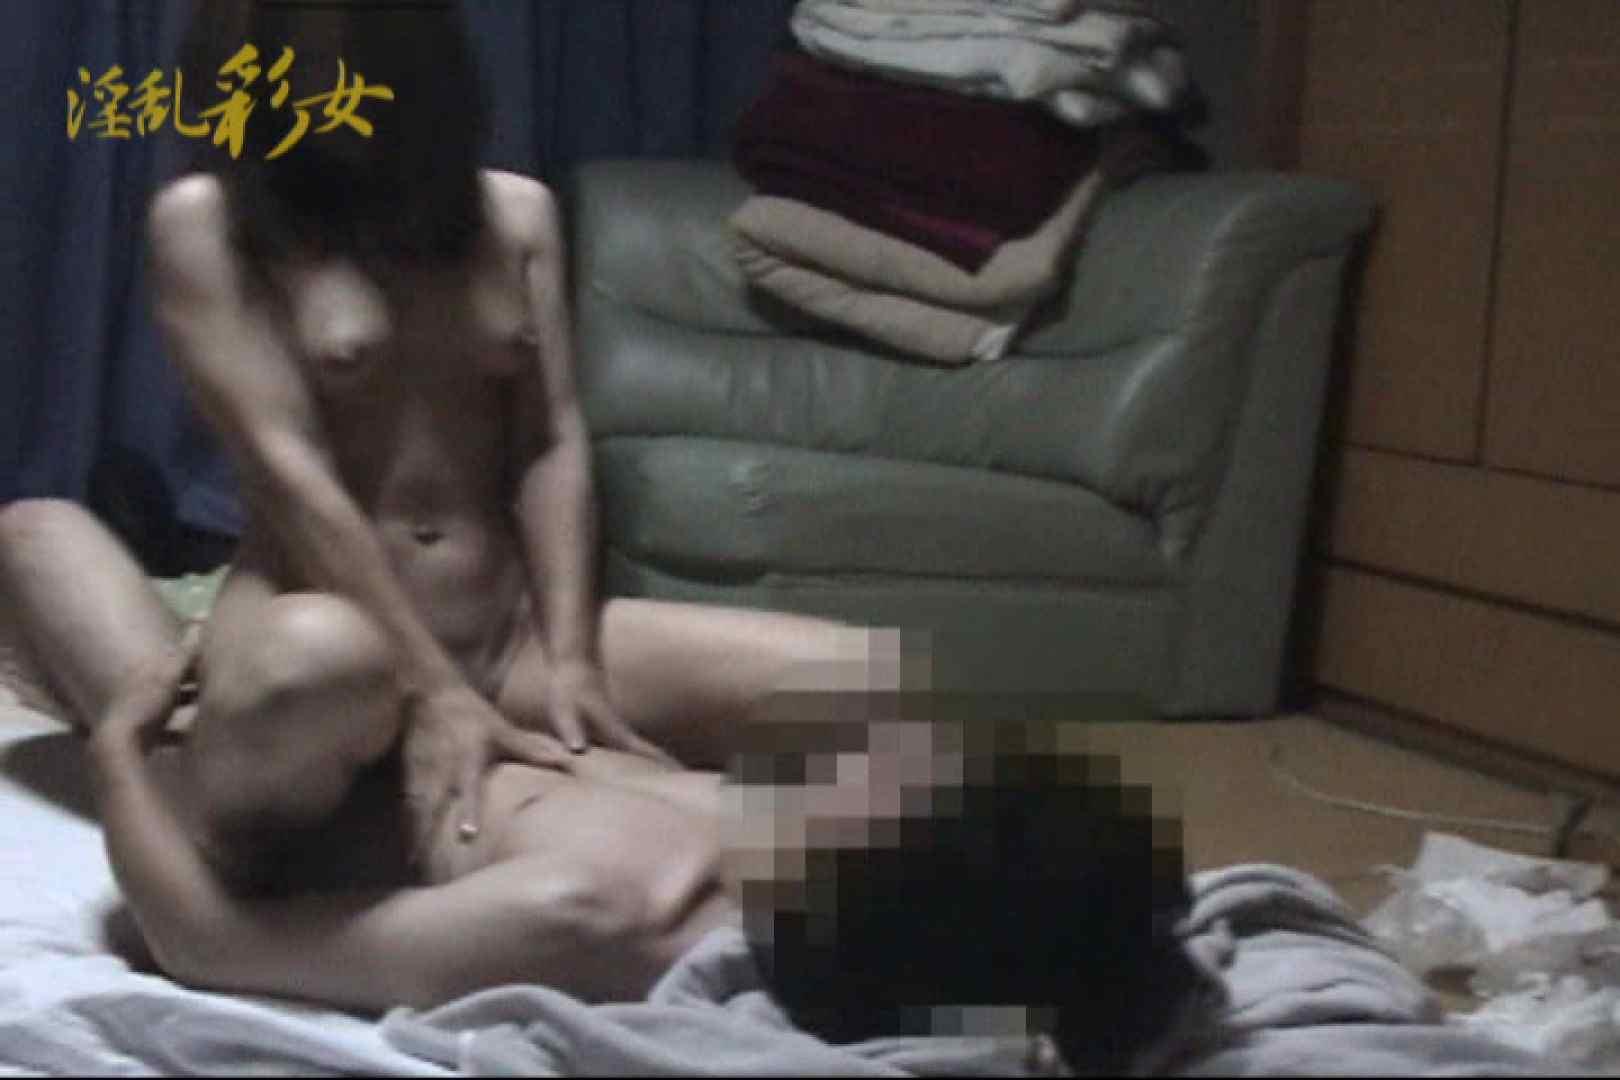 淫乱彩女 麻優里 禁断の彼氏 SEX映像 | 一般投稿  110pic 19